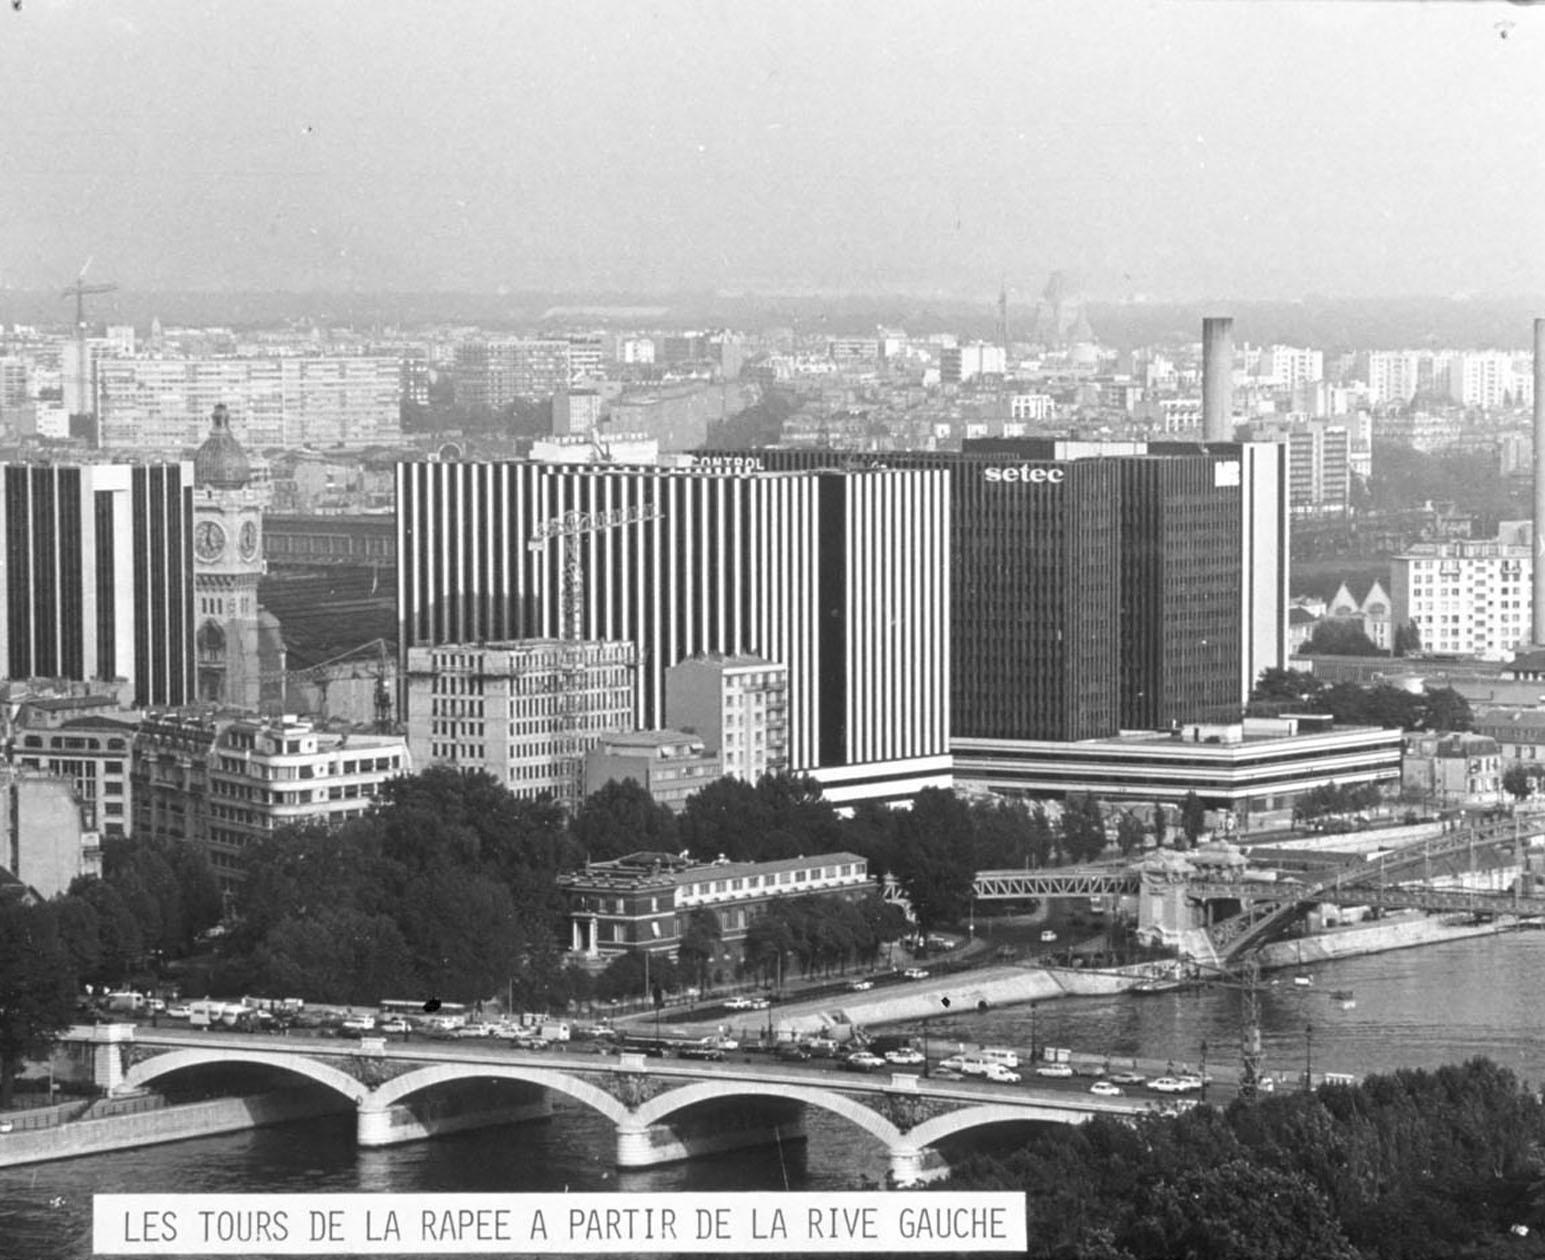 Exposition publique ZAC Gare de Lyon et rue de Bercy - Les tours de la Rapée, vue depuis la rive gauche (1981) © Apur